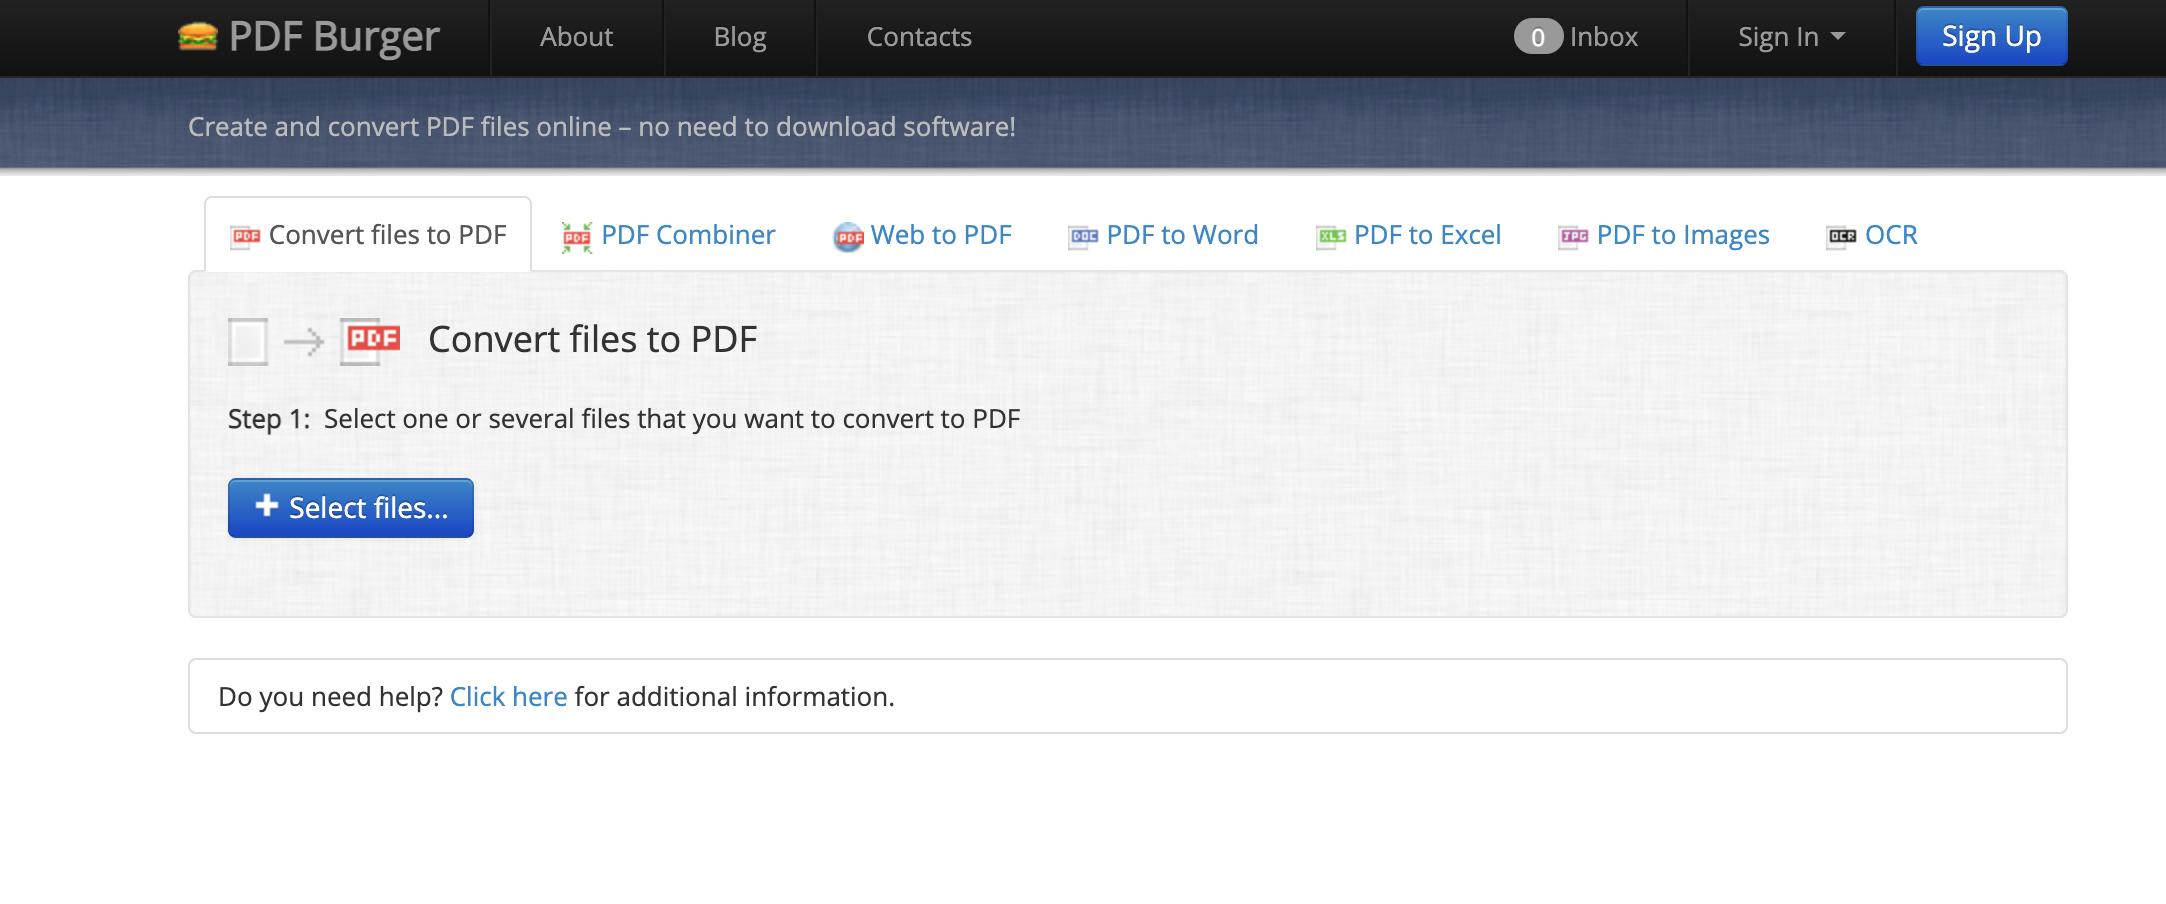 как перевести (конвертировать) пдф в эксель онлайн (бесплатно, конвертеры) - pdfburger